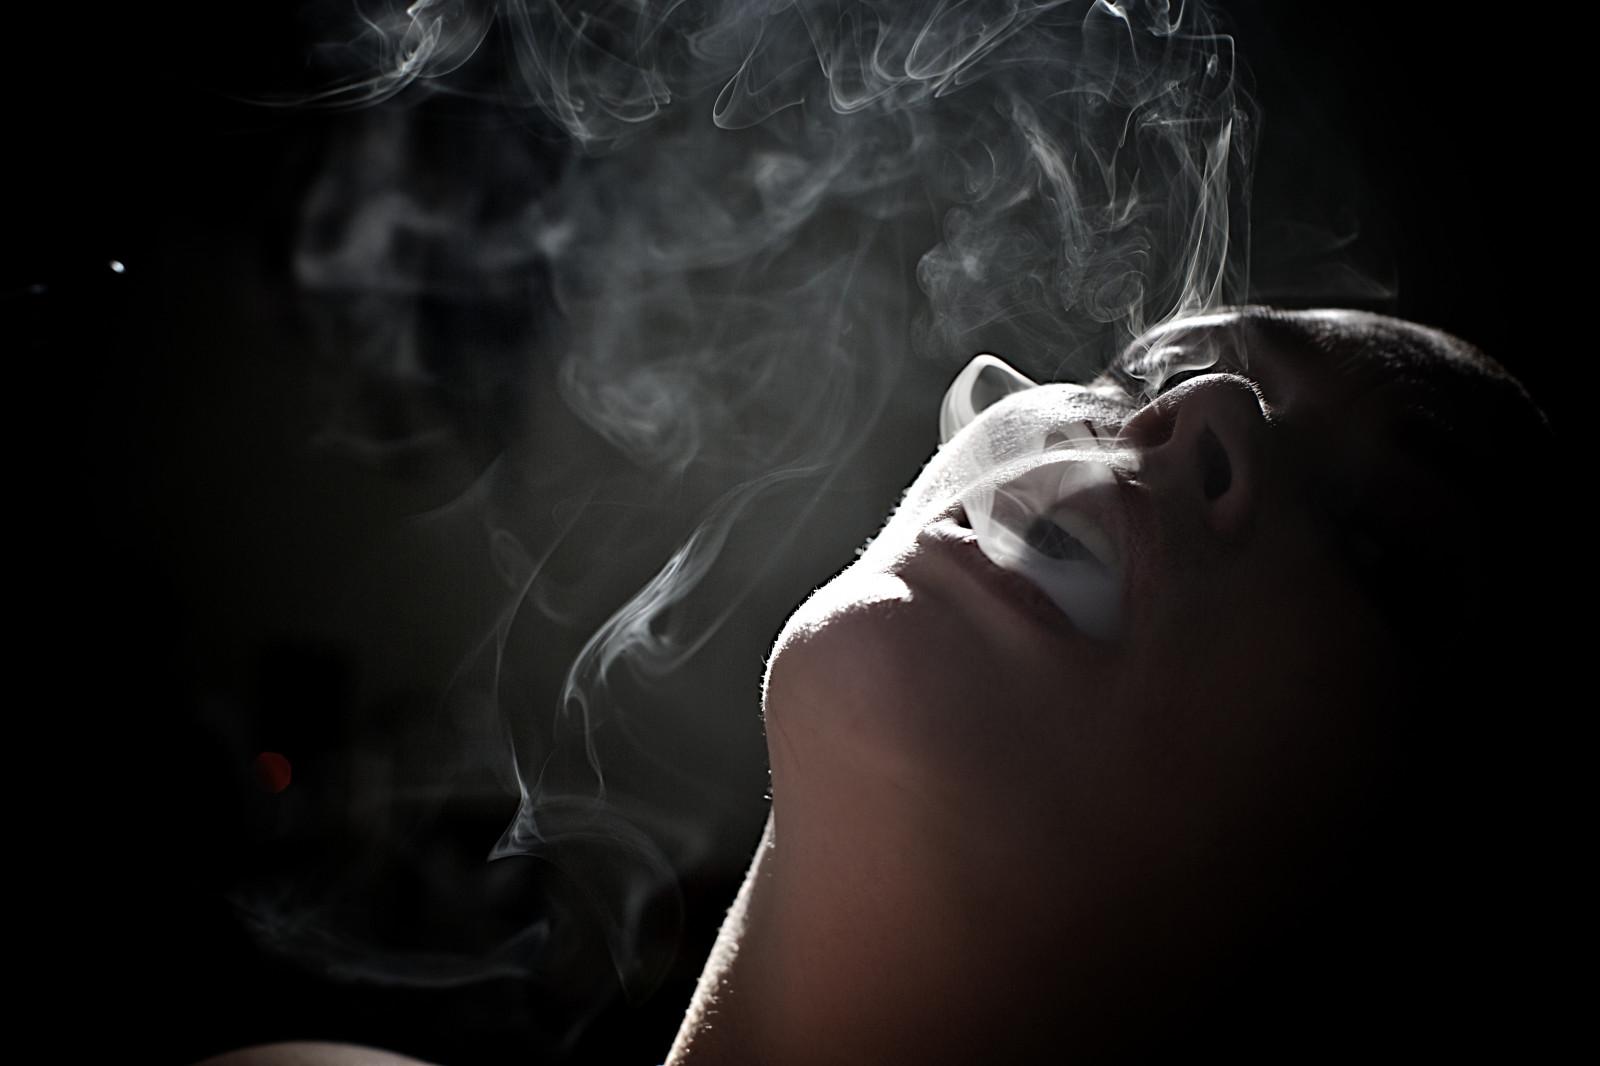 фотки дым изо рта музей можно праву